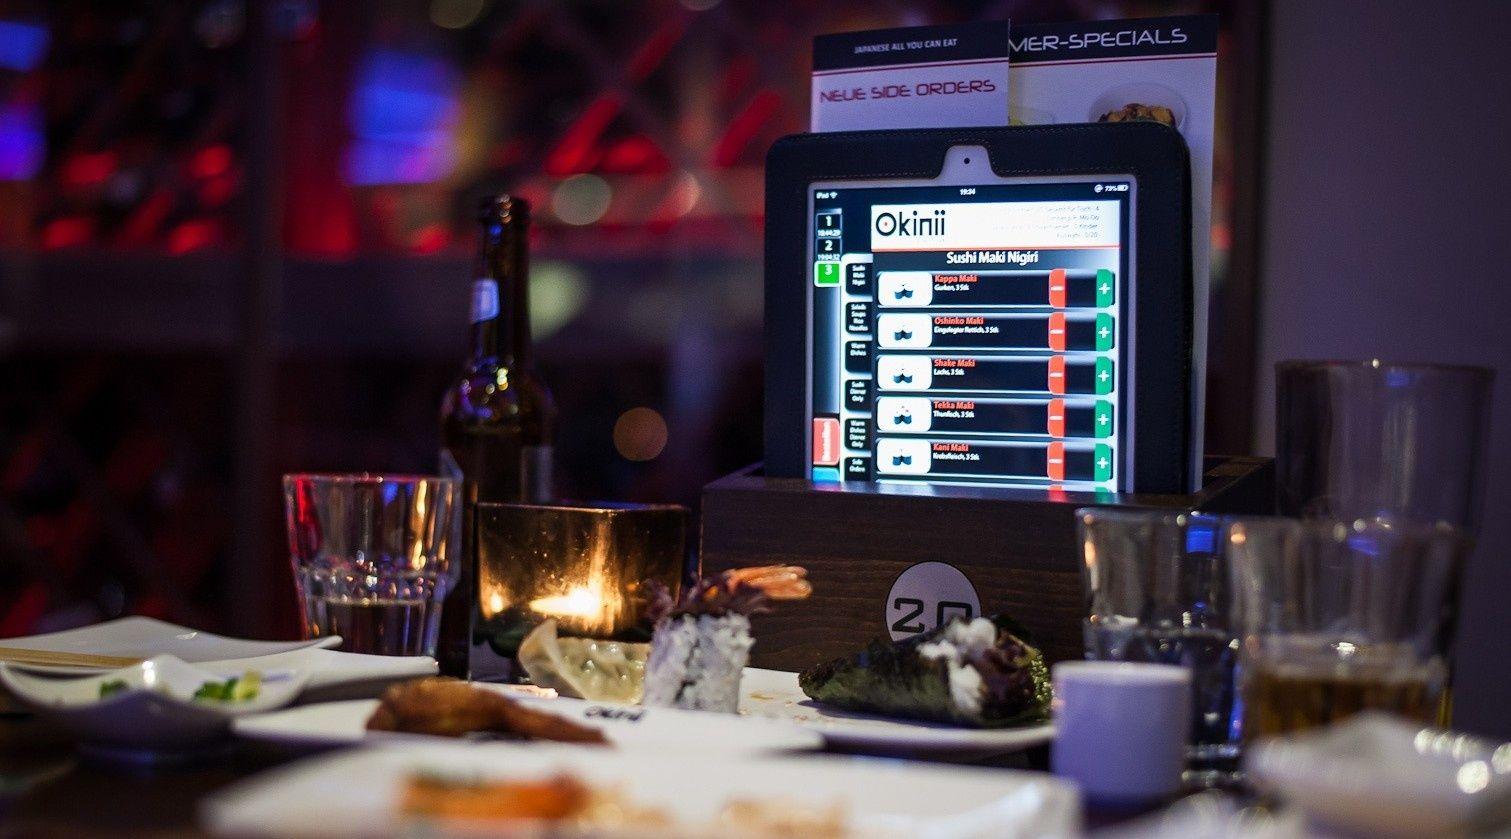 Tisch reservieren und Sushi bestellen per iPad. All You